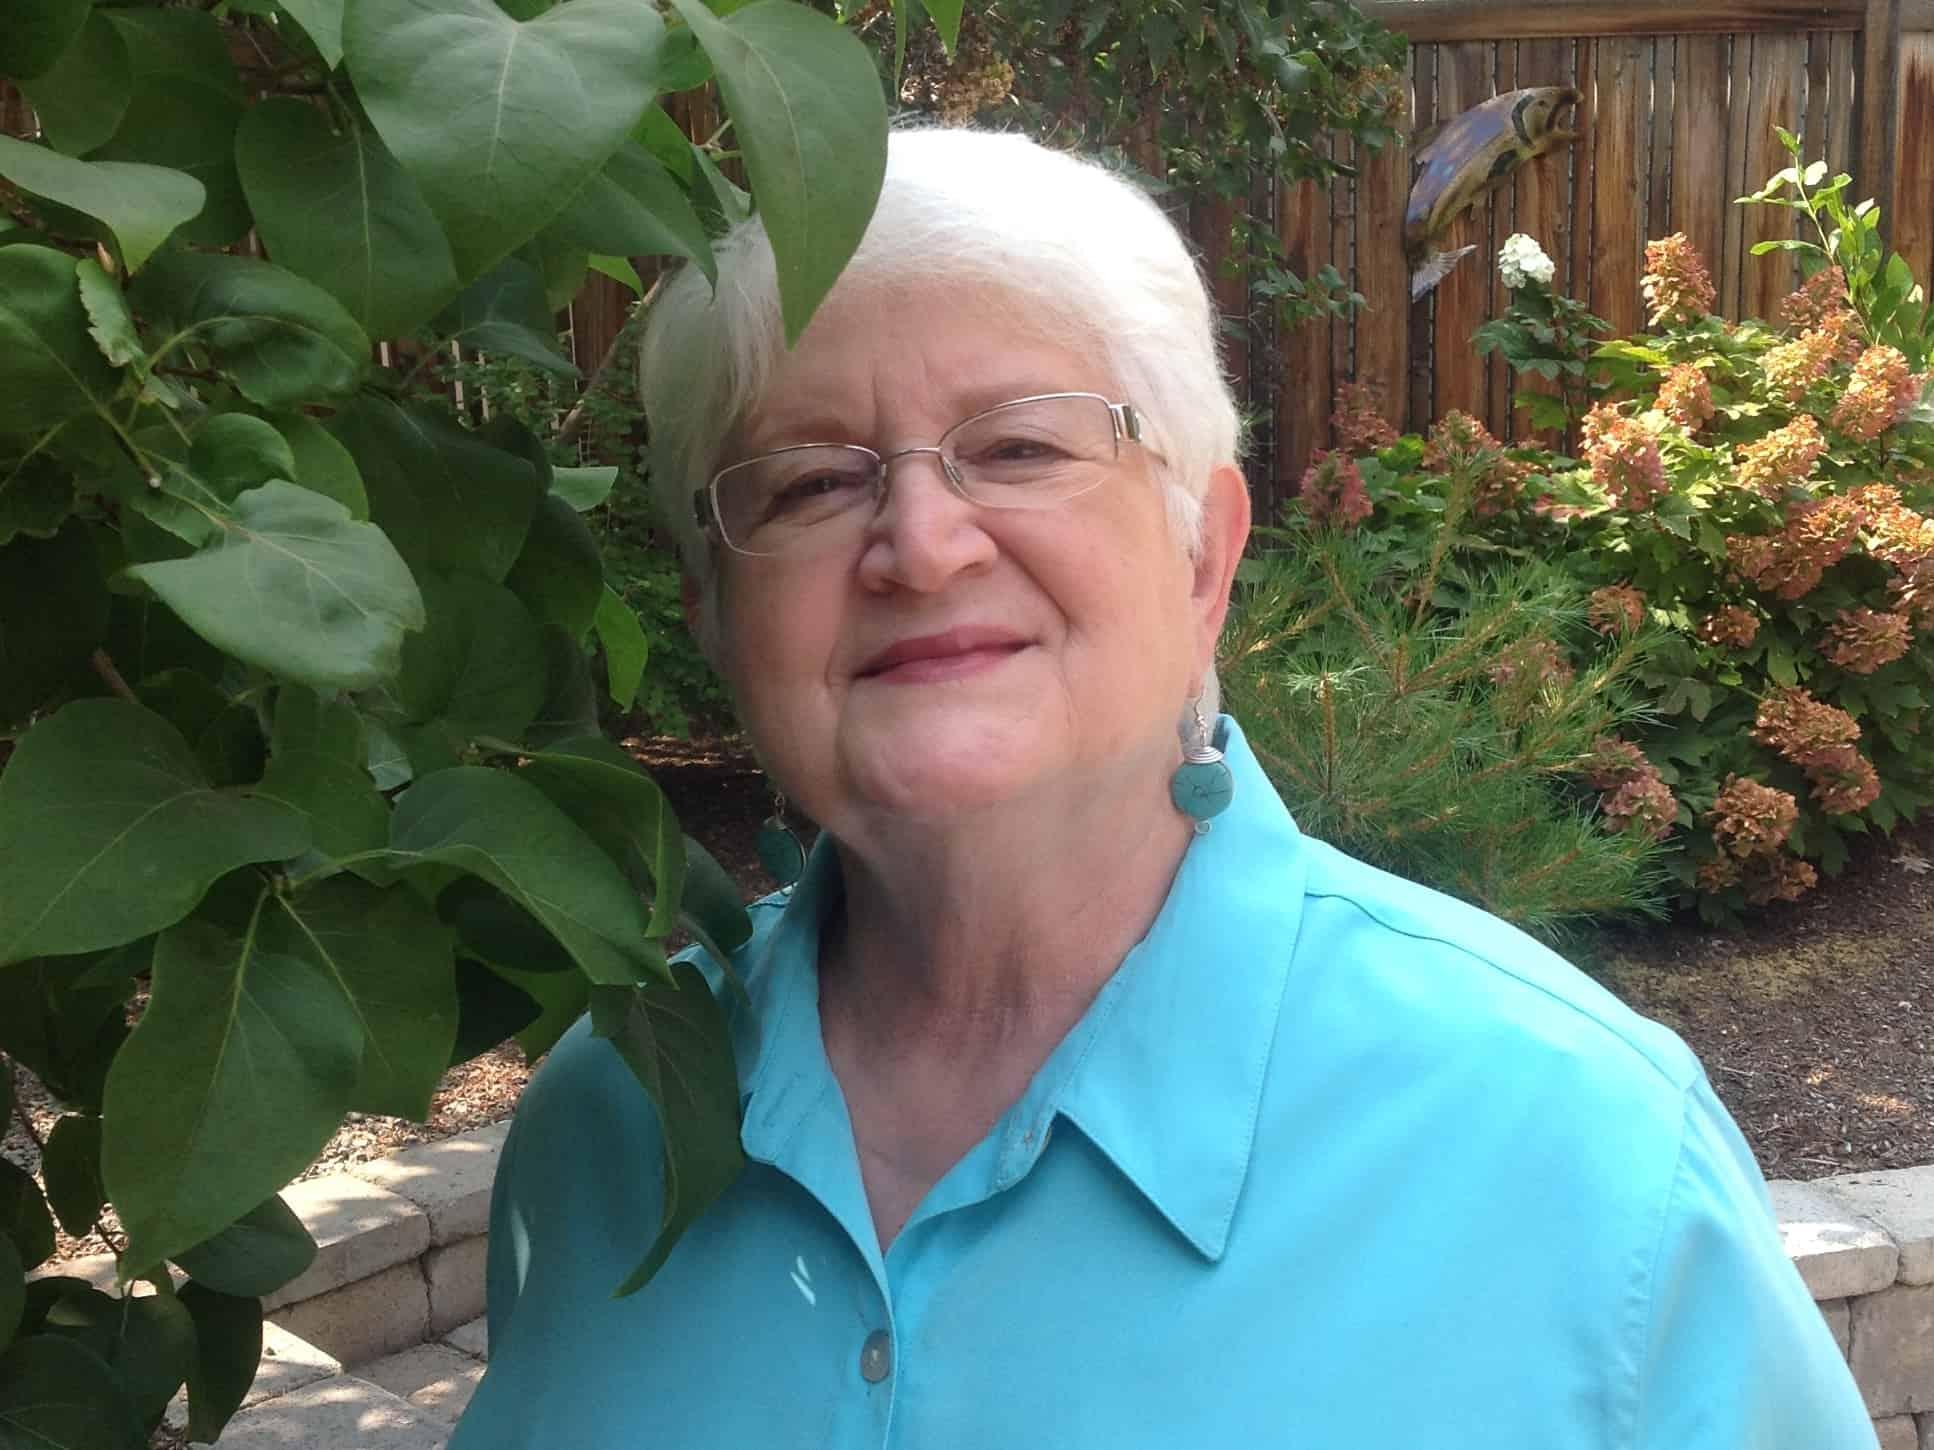 Leslie Wahl